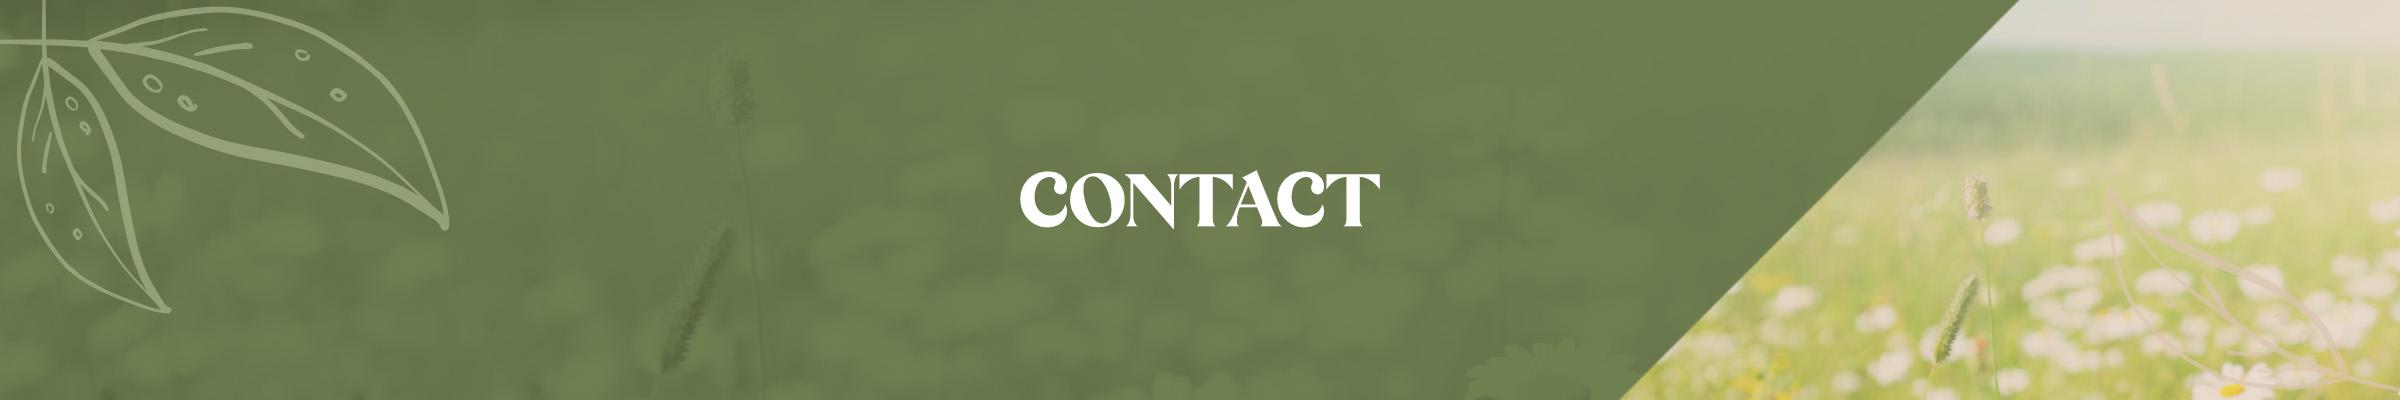 Campagne - Bannière Contact